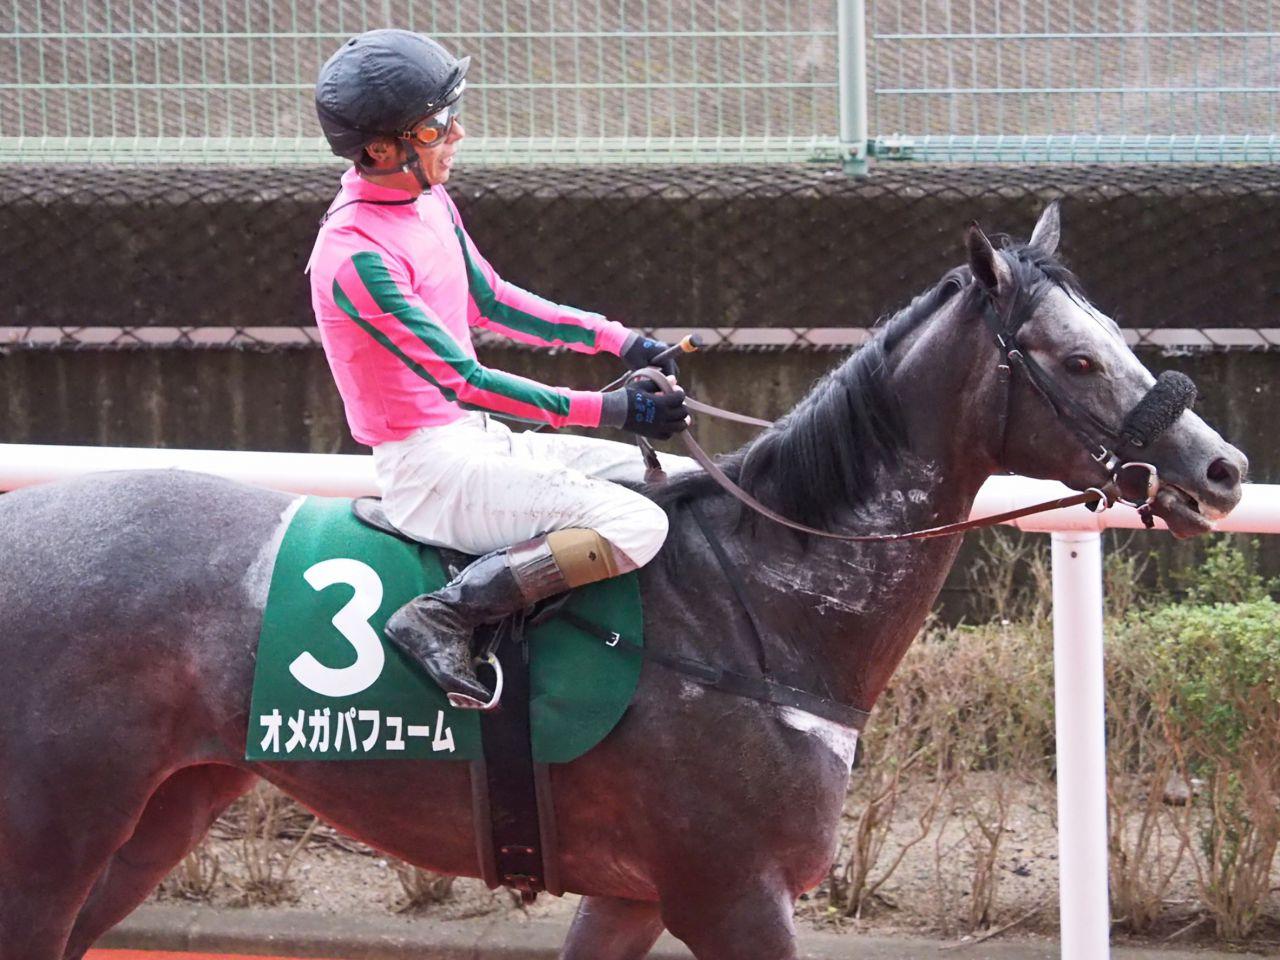 【シリウスS】和田竜「展開も上手くいきました」オメガパフューム重賞初制覇